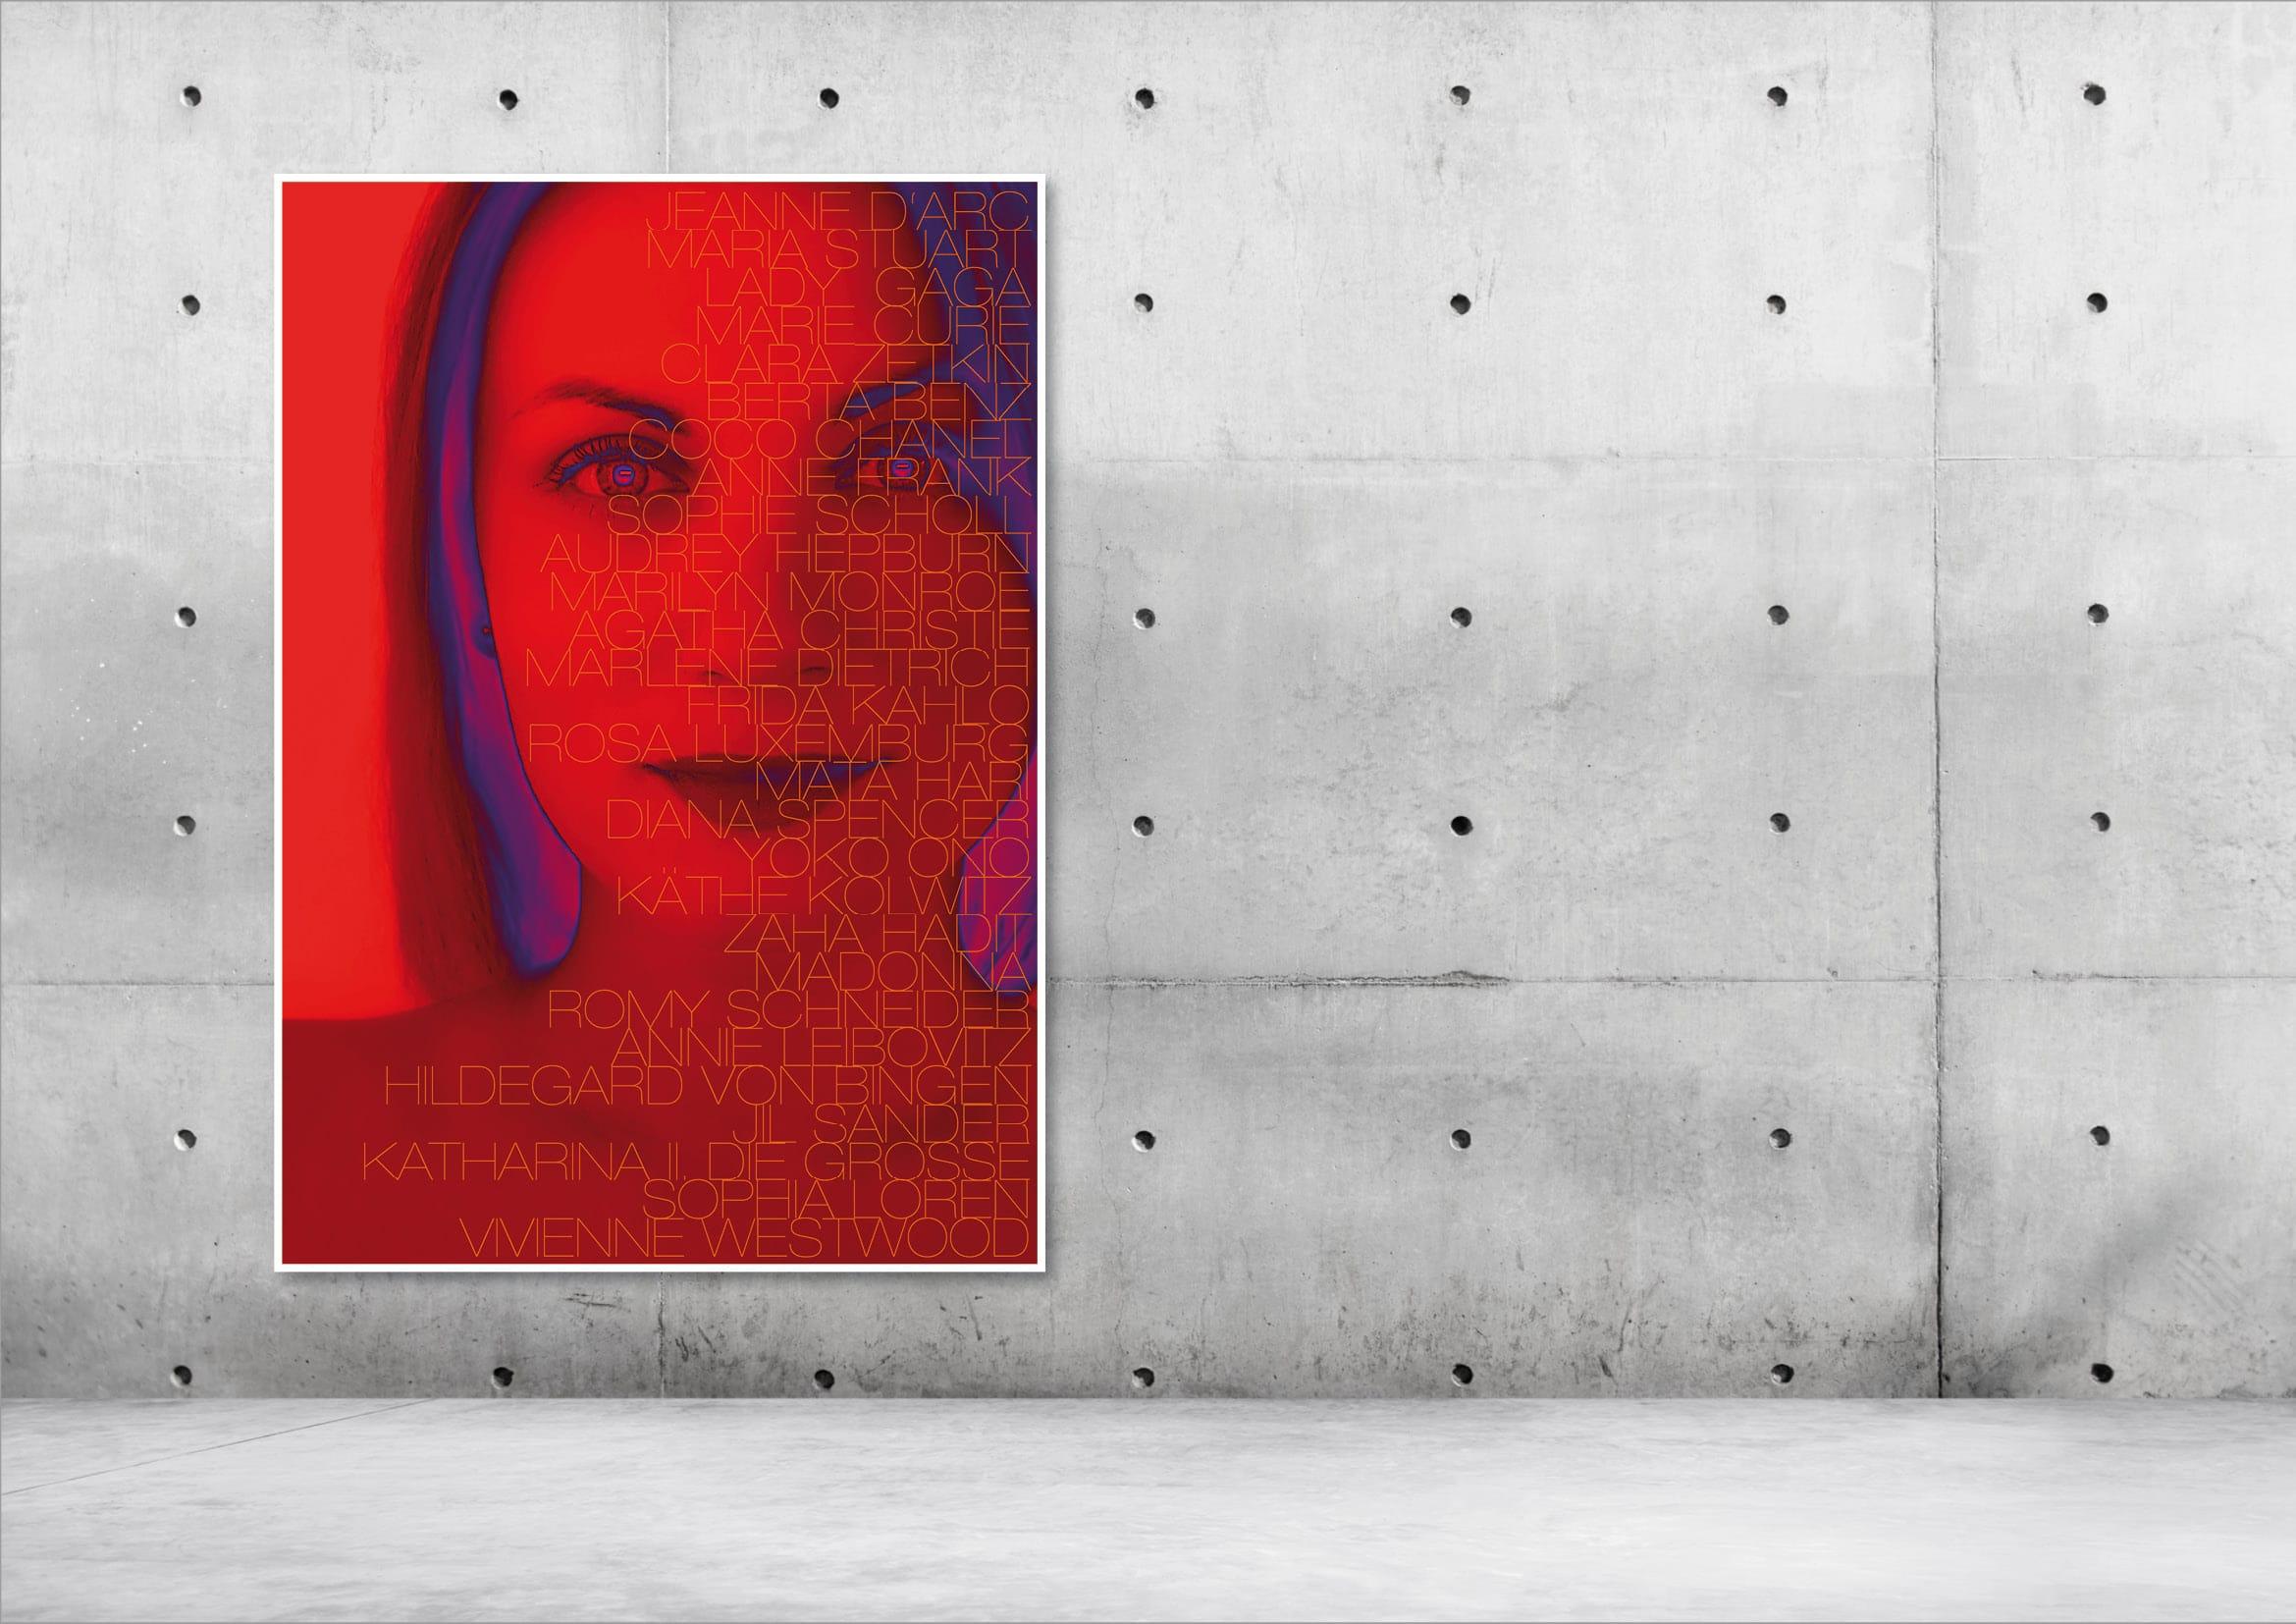 """Gestaltung Plakat / Poster Kunstprojekt zum Weltfrauentag durch Designer Ronald Wissler sowie aktive Beteiligung an der Vernissage zur Ausstellung """"Besondere Frauen"""""""